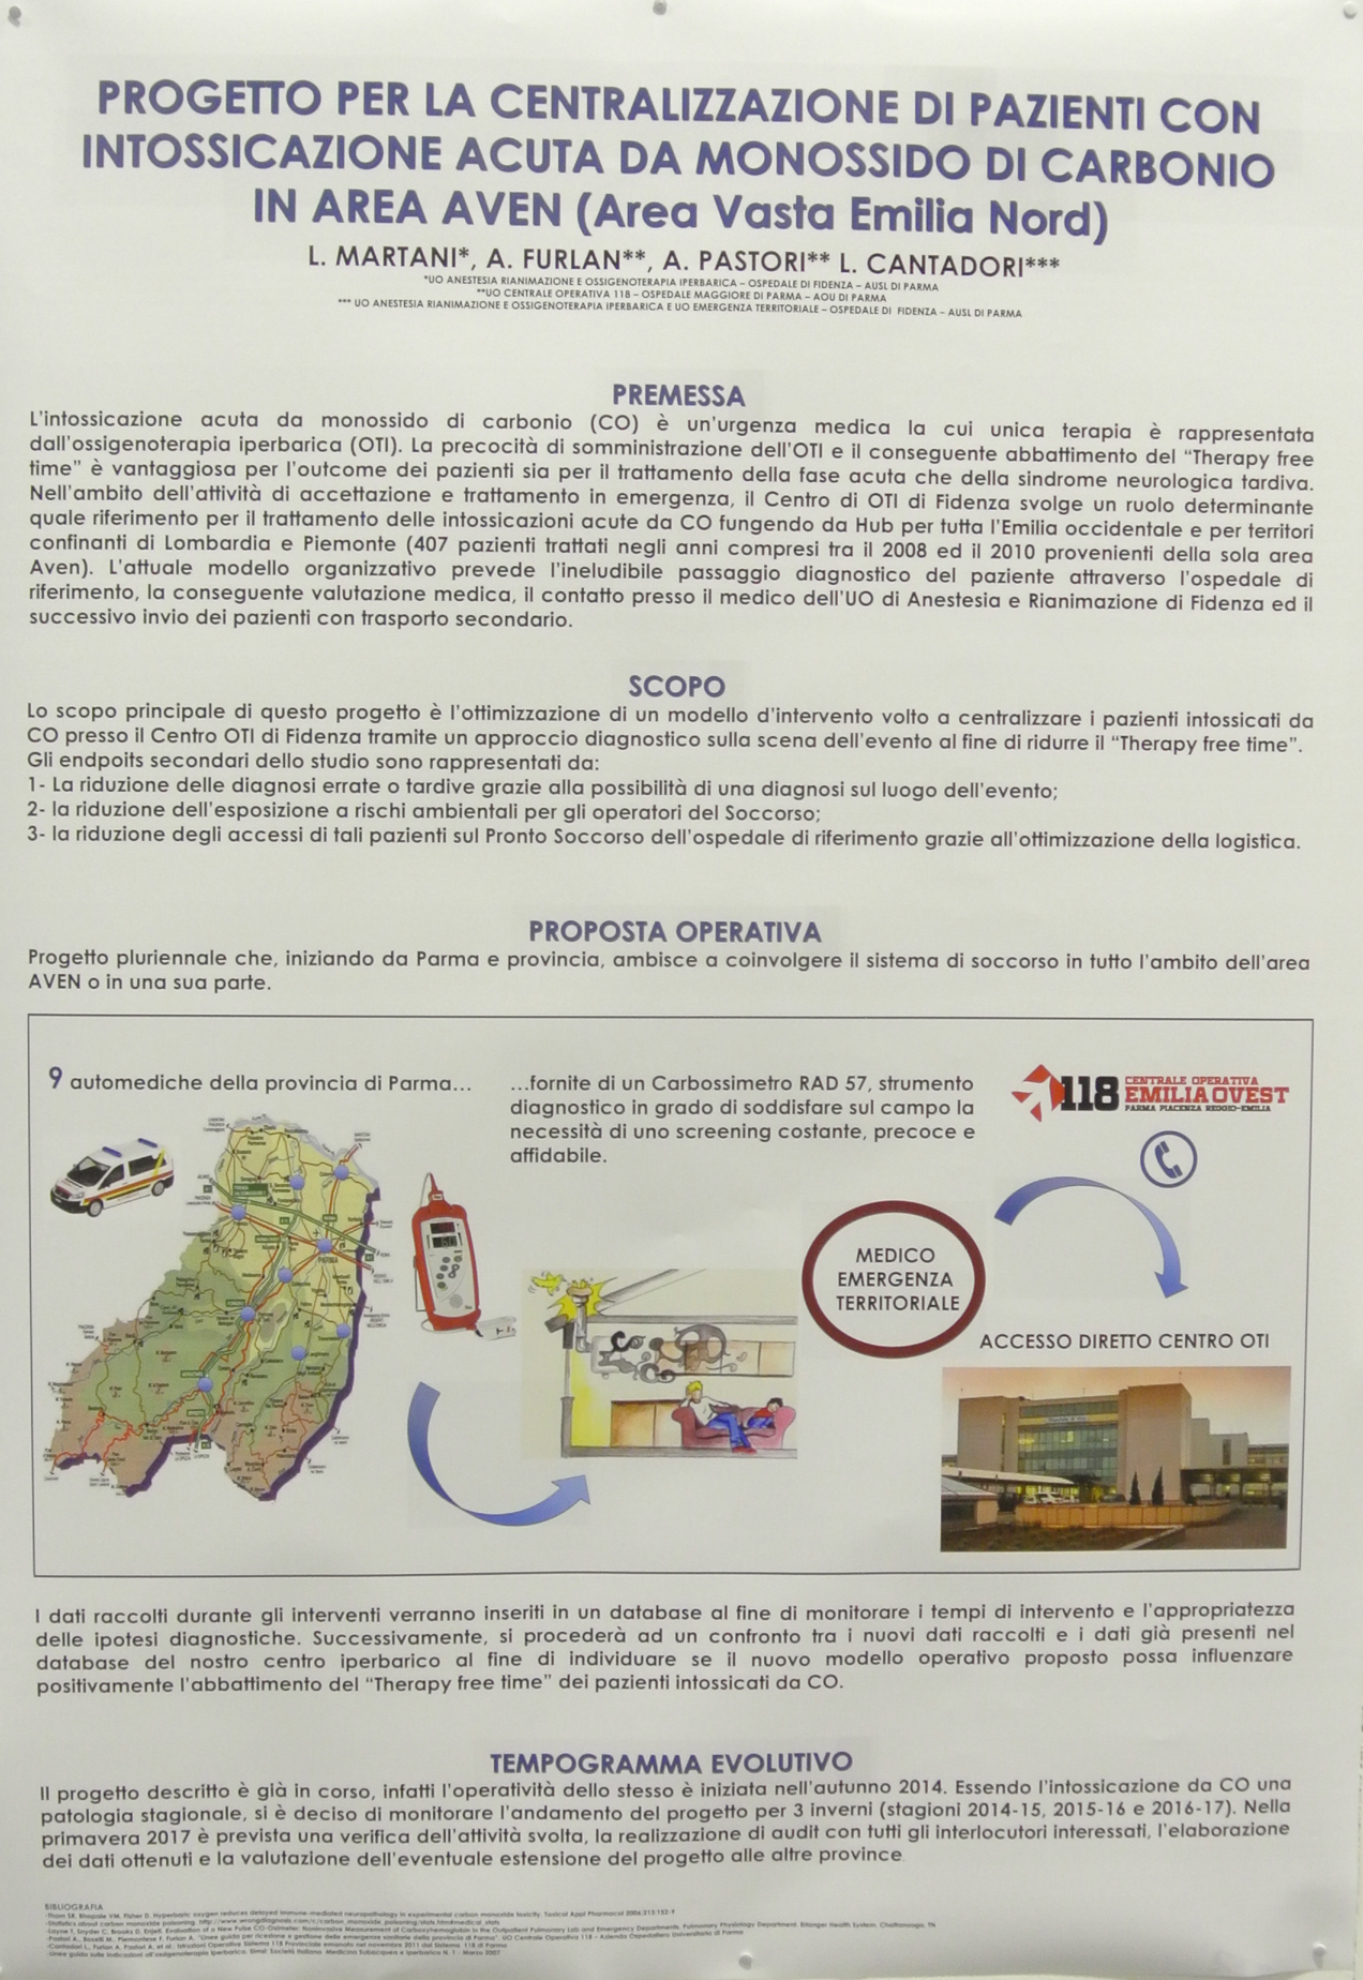 27-centralizzazione-pazienti-intossicati-monossido-aven-martani-furlan-pastori-cantadori